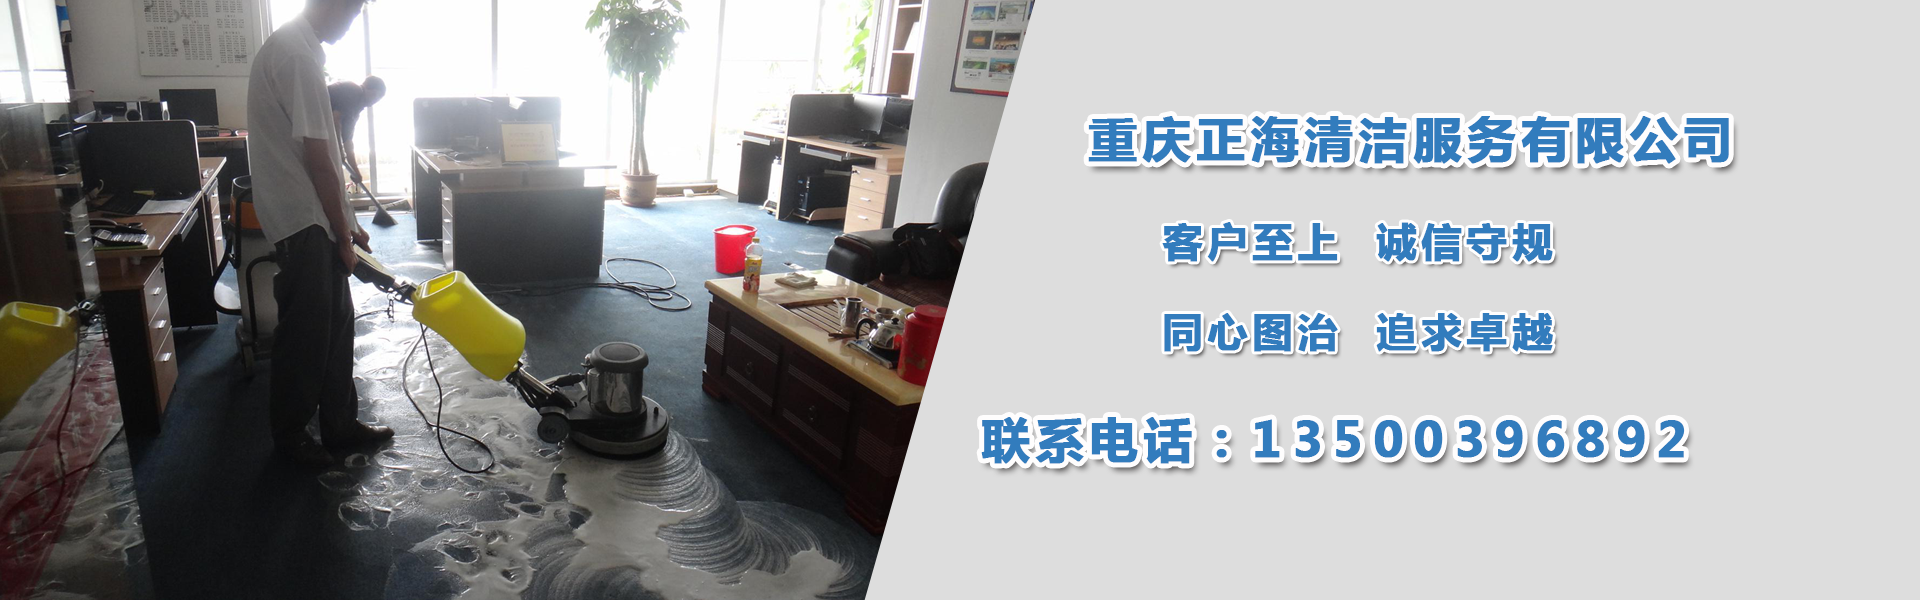 重庆正海是经重庆市工商局注册成立的是一家集体保洁服务,在重庆为各种类型的客户提供了优质的清洁服务,经过公司员工共同努力,我们的清洁管理服务多次